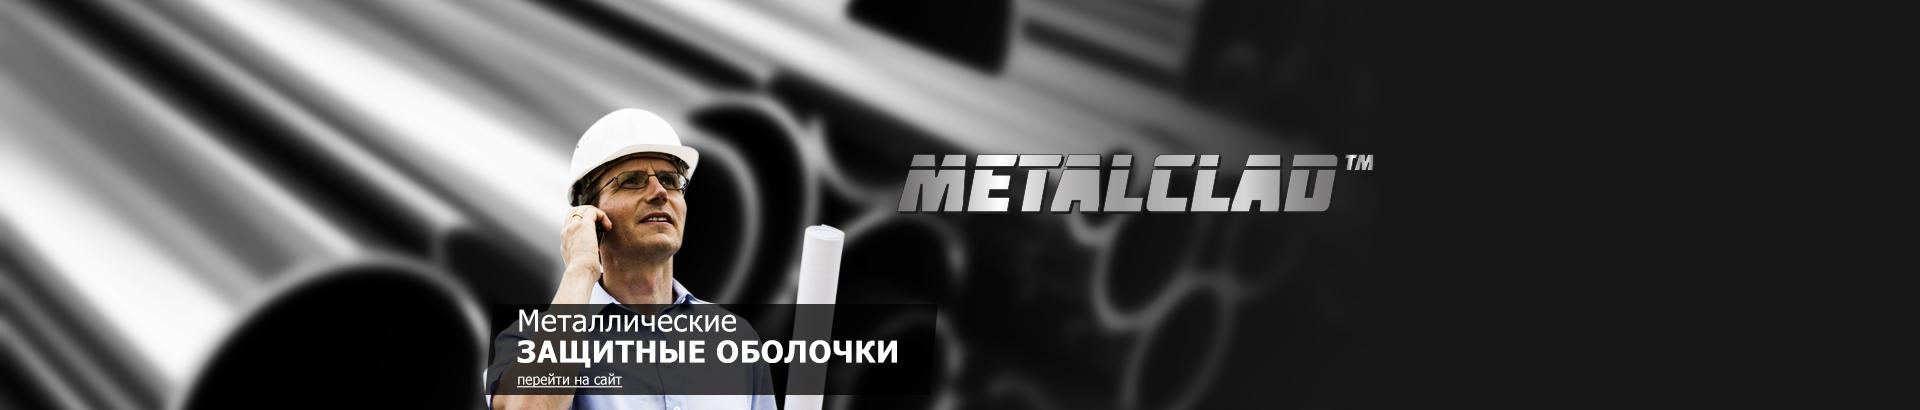 Защитные оболочки METALCLAD